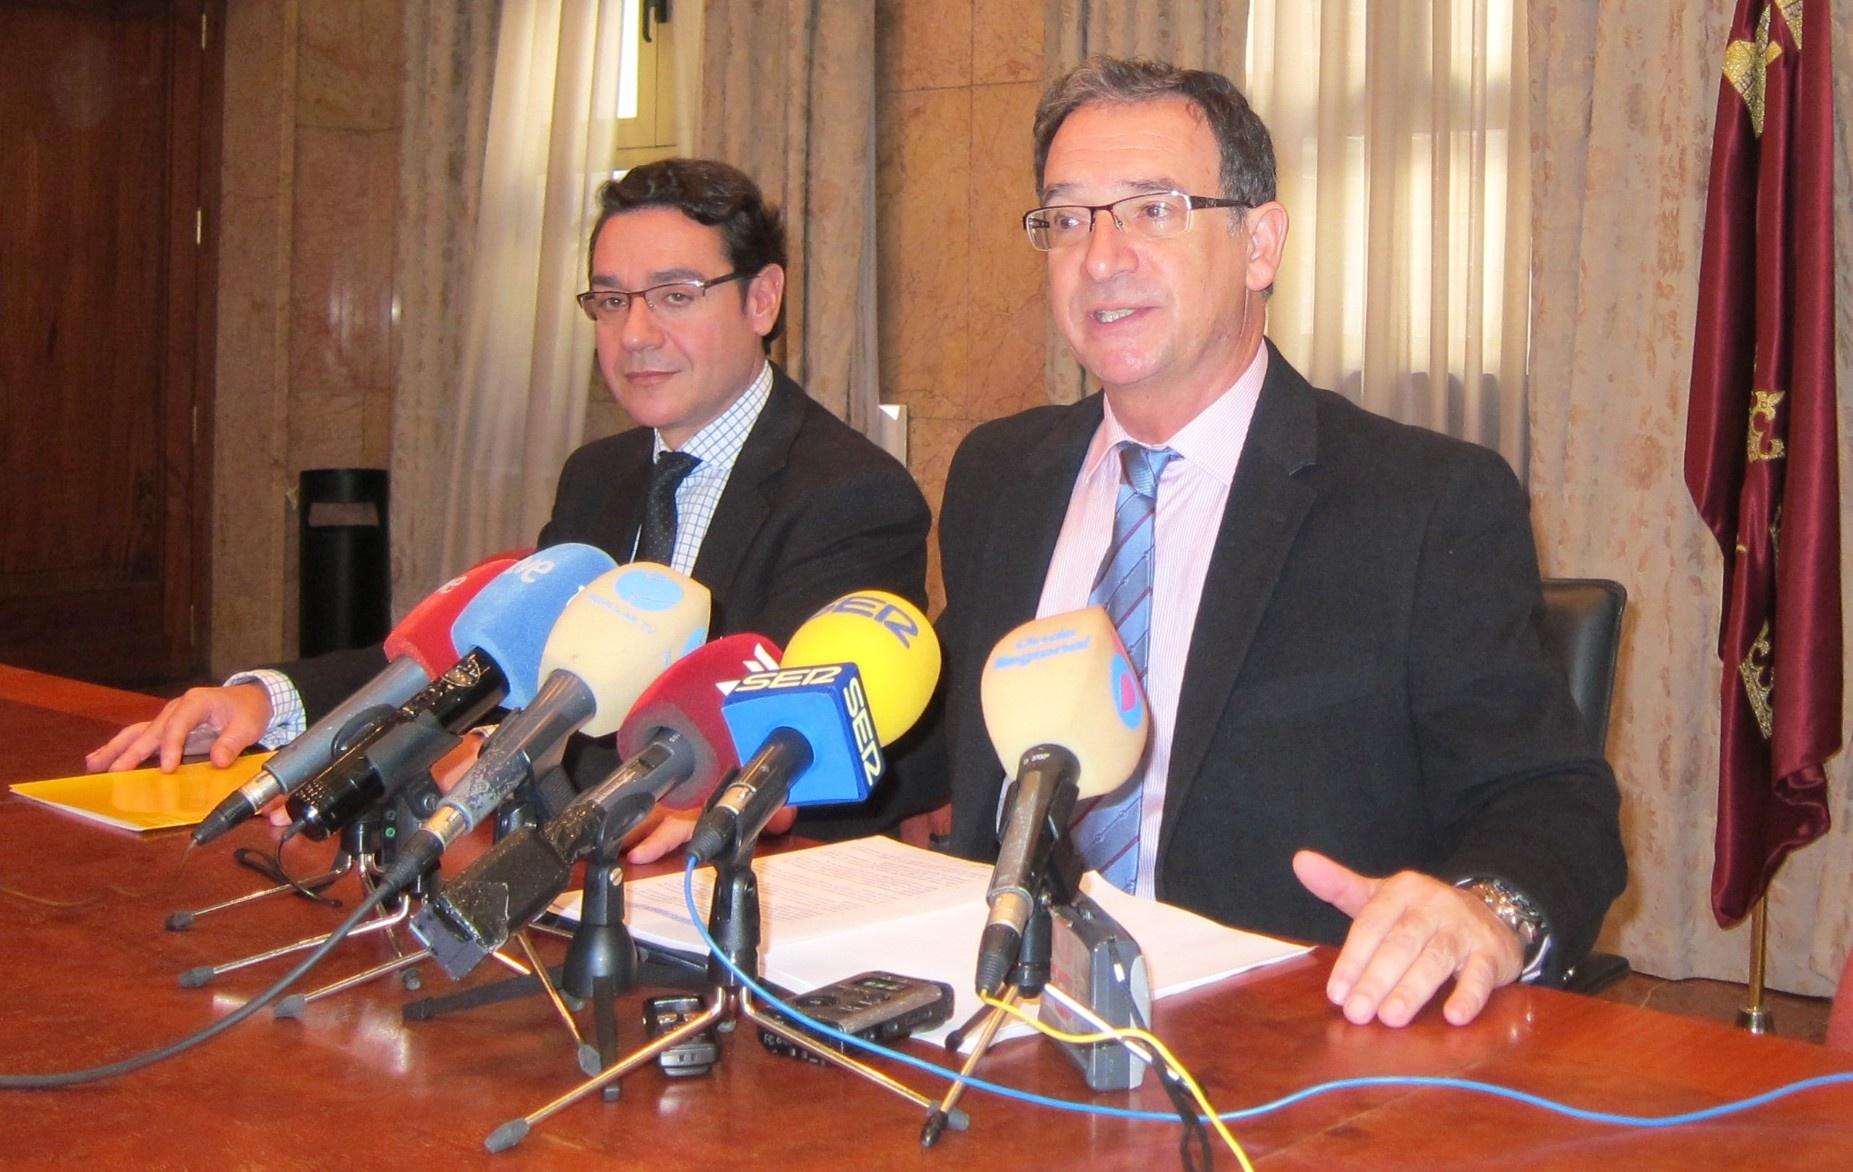 (AV) Desciende el número de infracciones penales y FCSE intervienen más de 21.000 kilos de droga en 2013